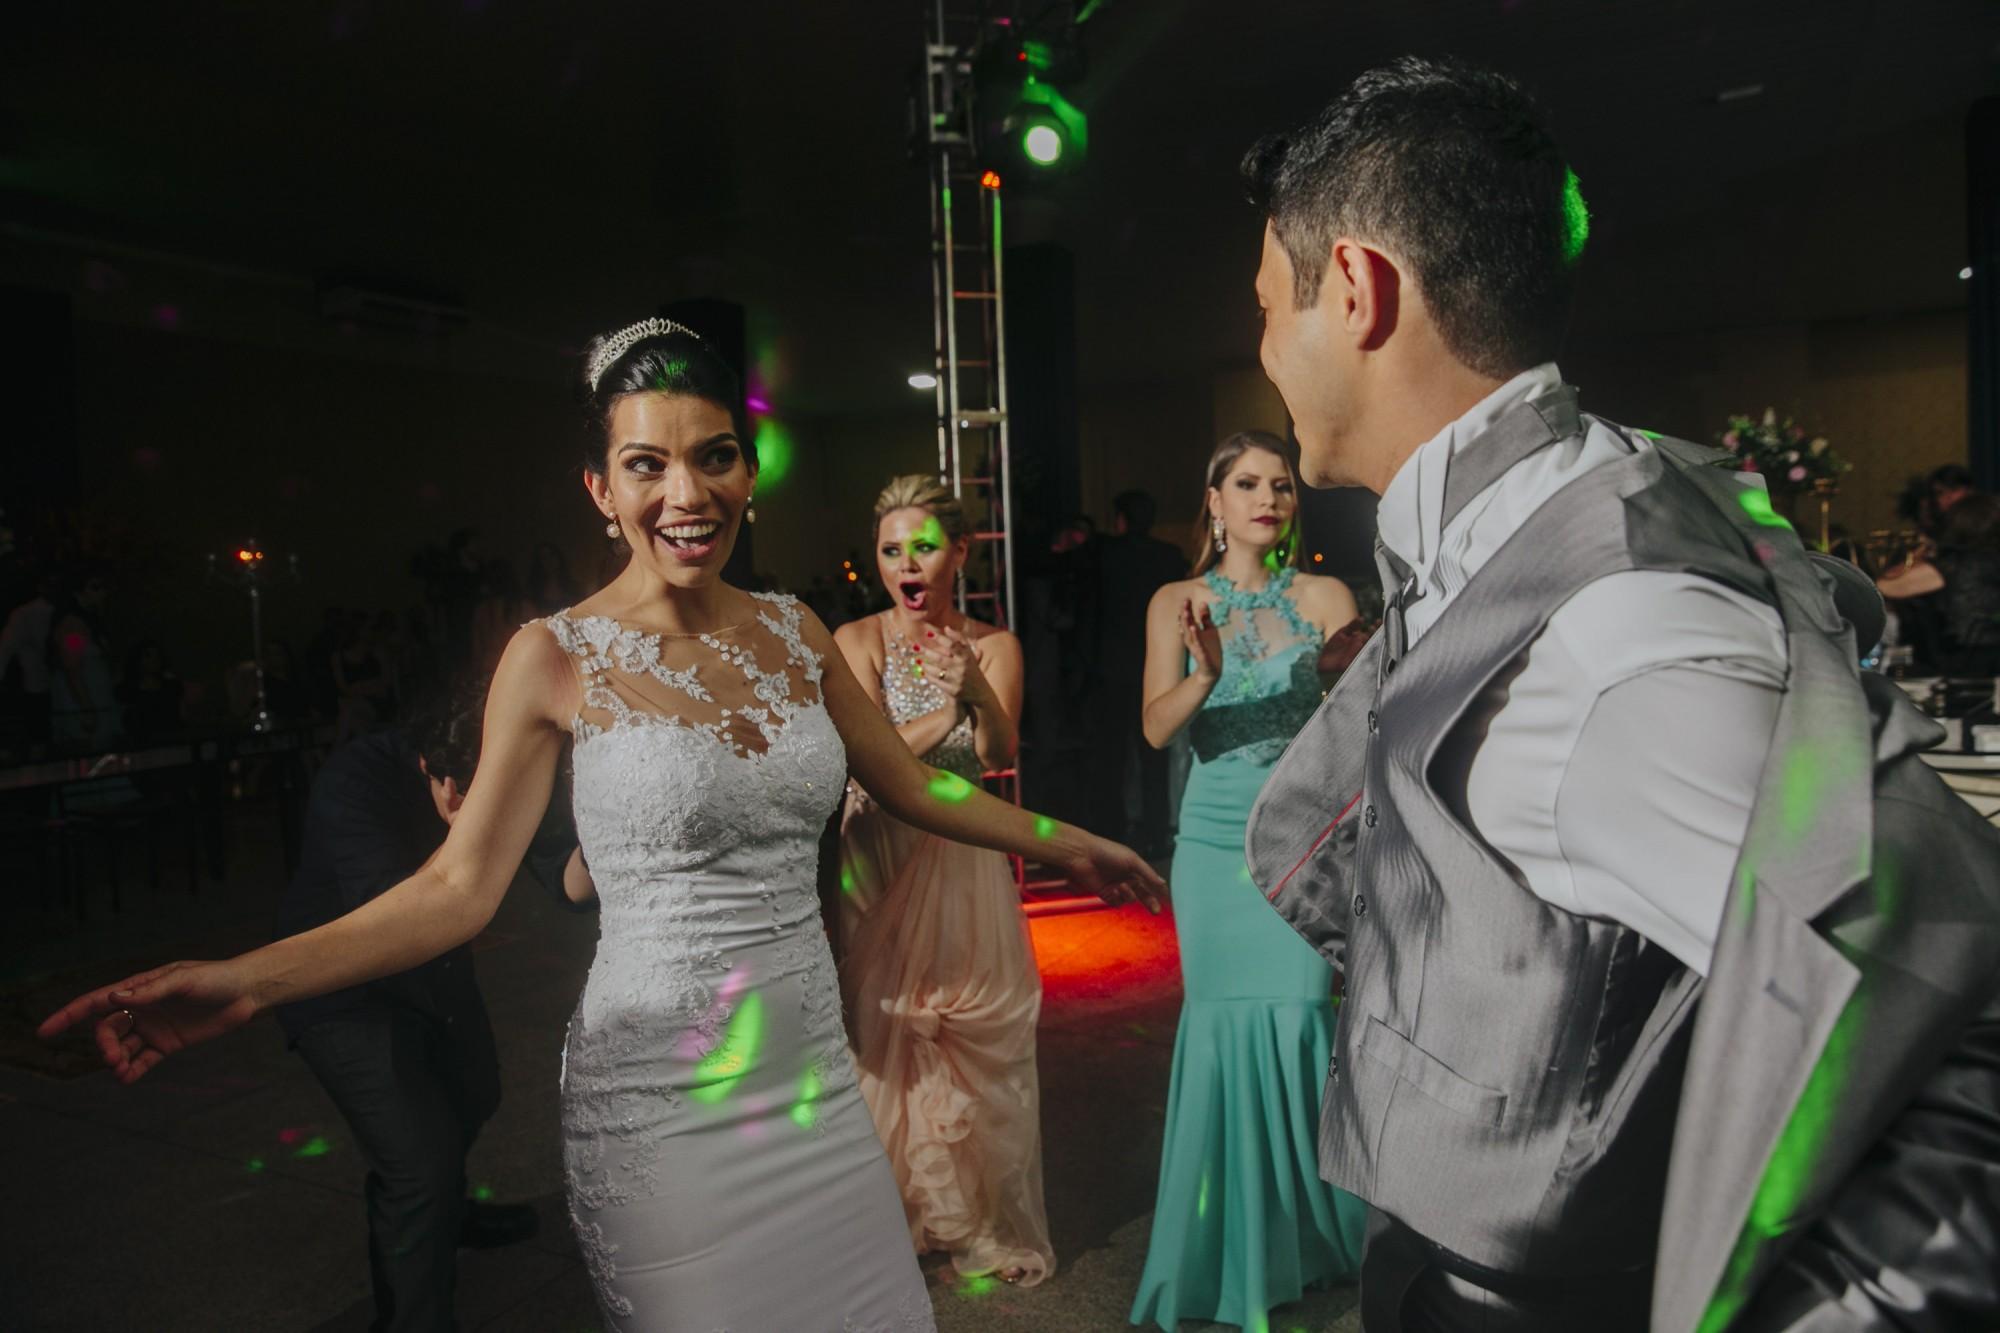 Casamento Camila Rampim e Rafael em Terra Roxa - Paraná - por Lorran Souza e Léia Sotile - fotografos de casamentos - 79